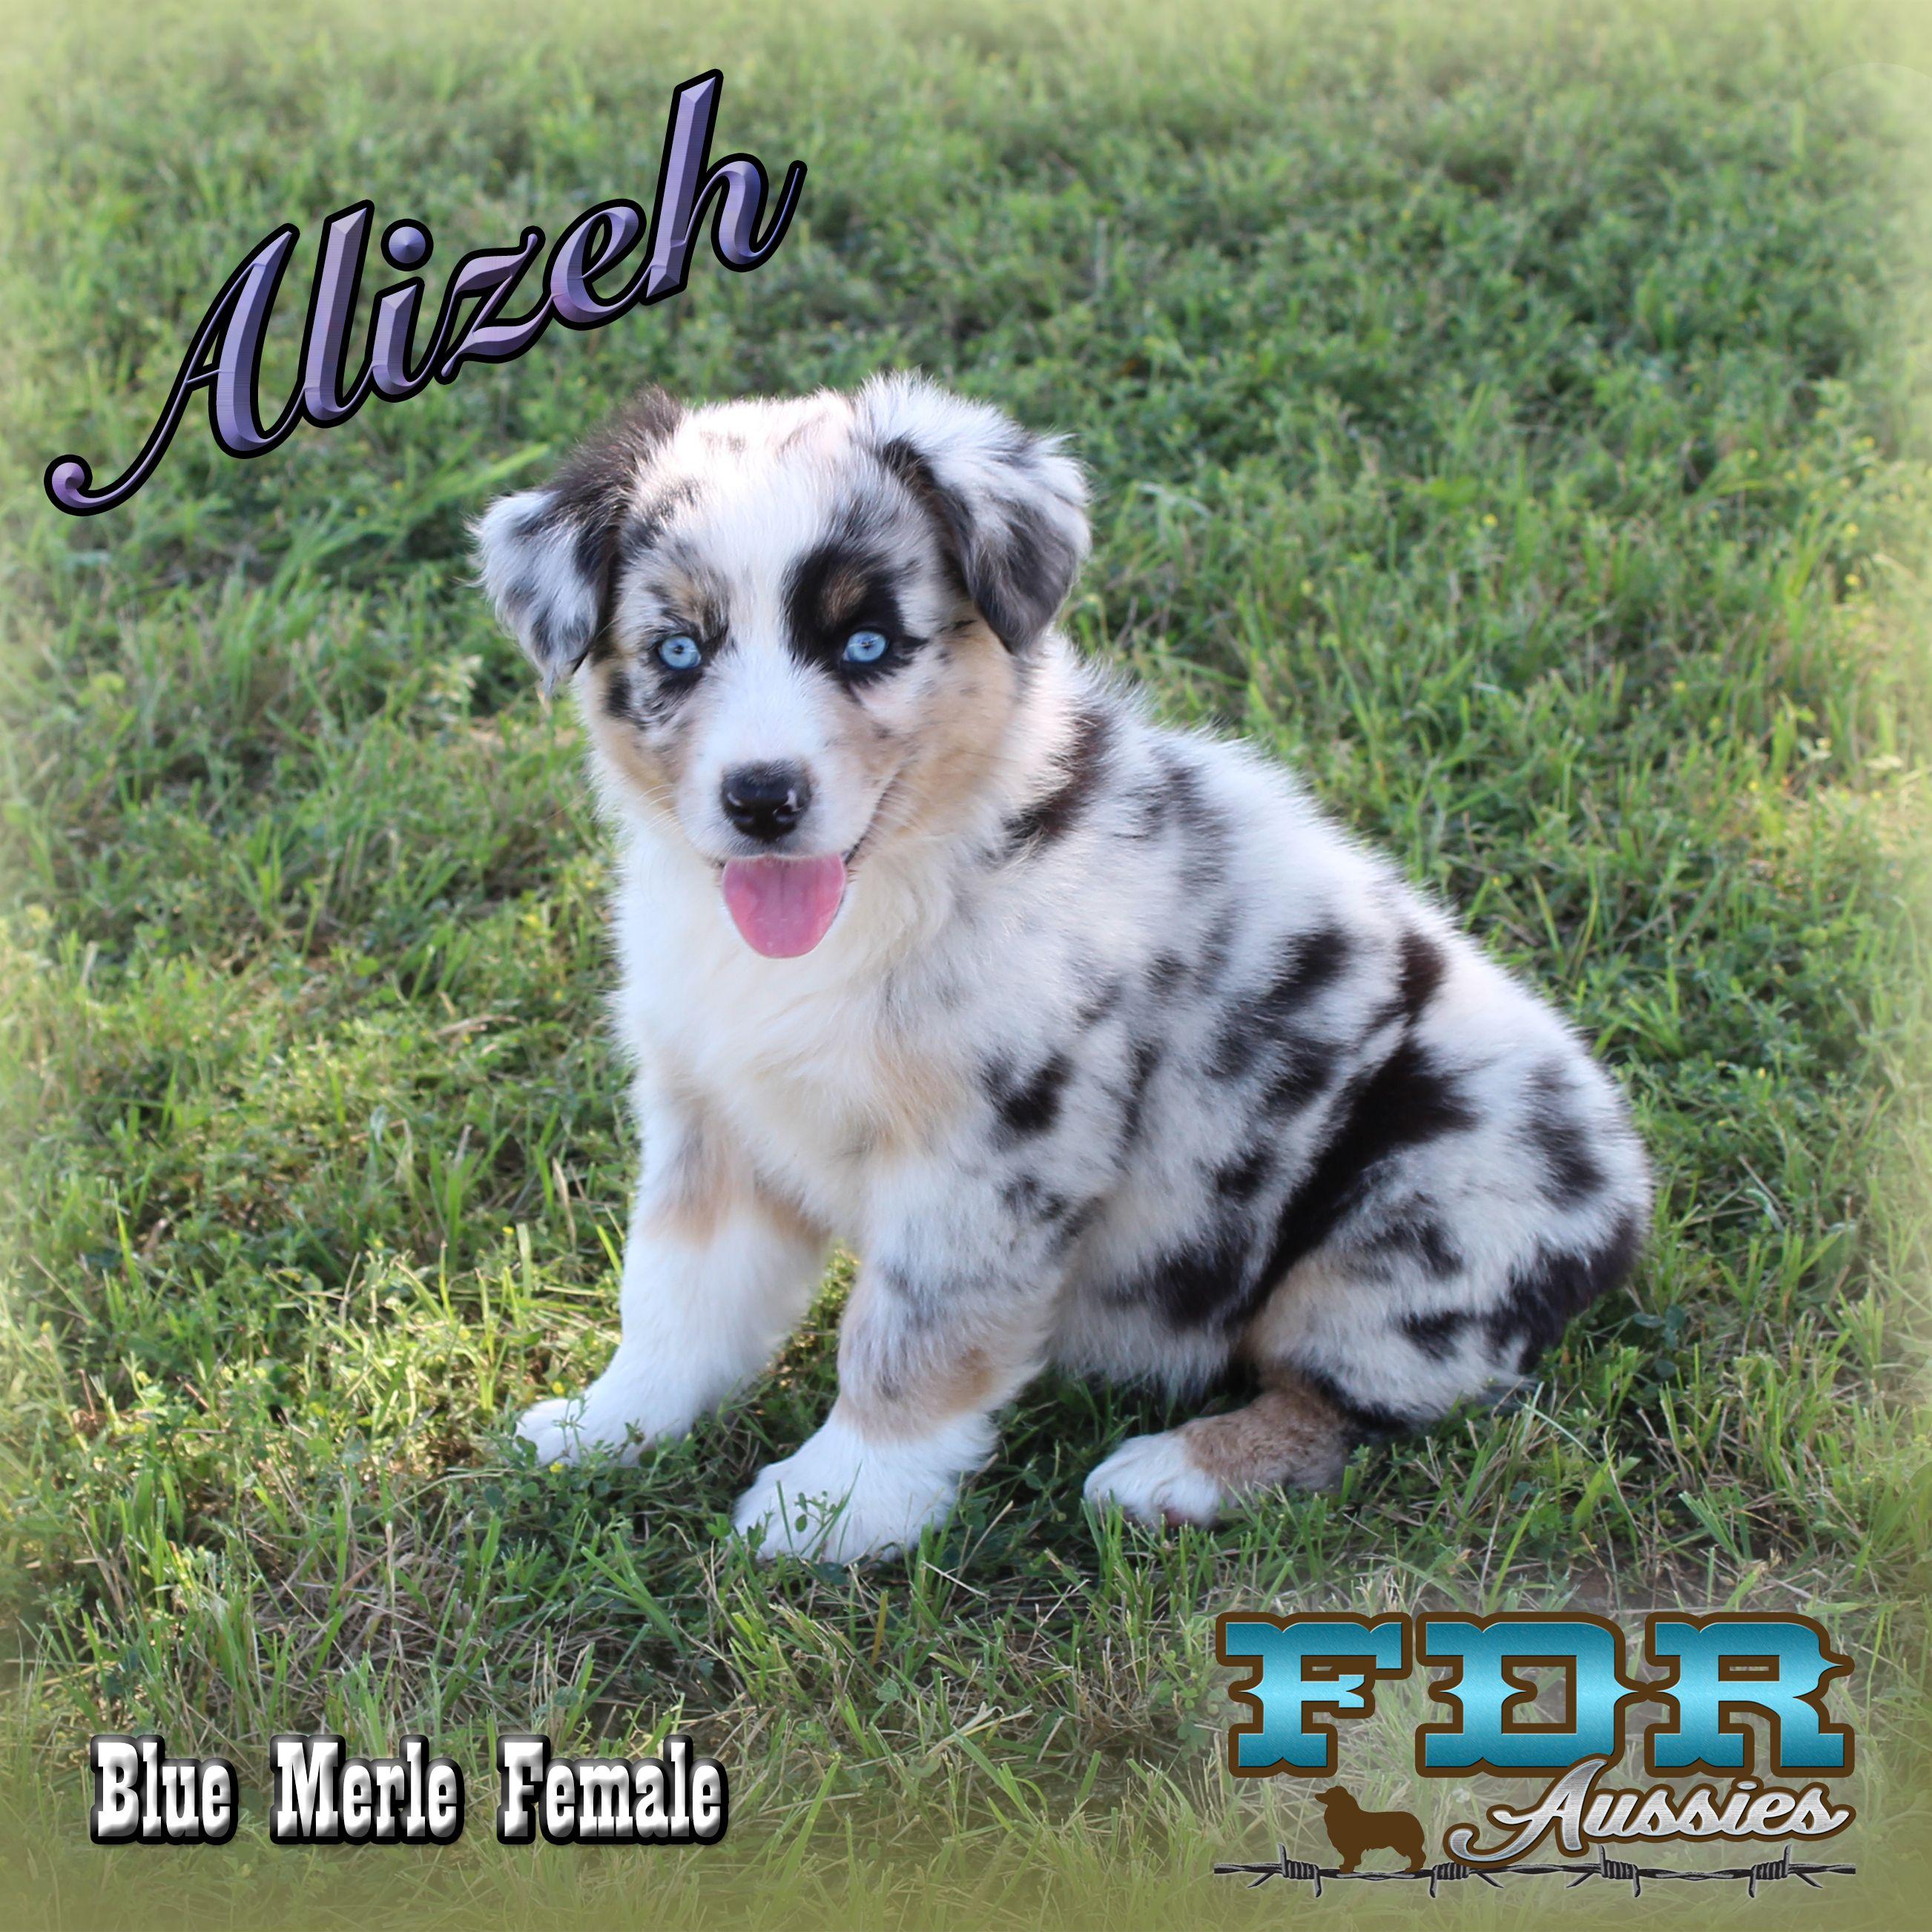 Alizeh Mini Blue Merle Female Aussie Australian Shepherd Blue Merle Australian Shepherd Puppies